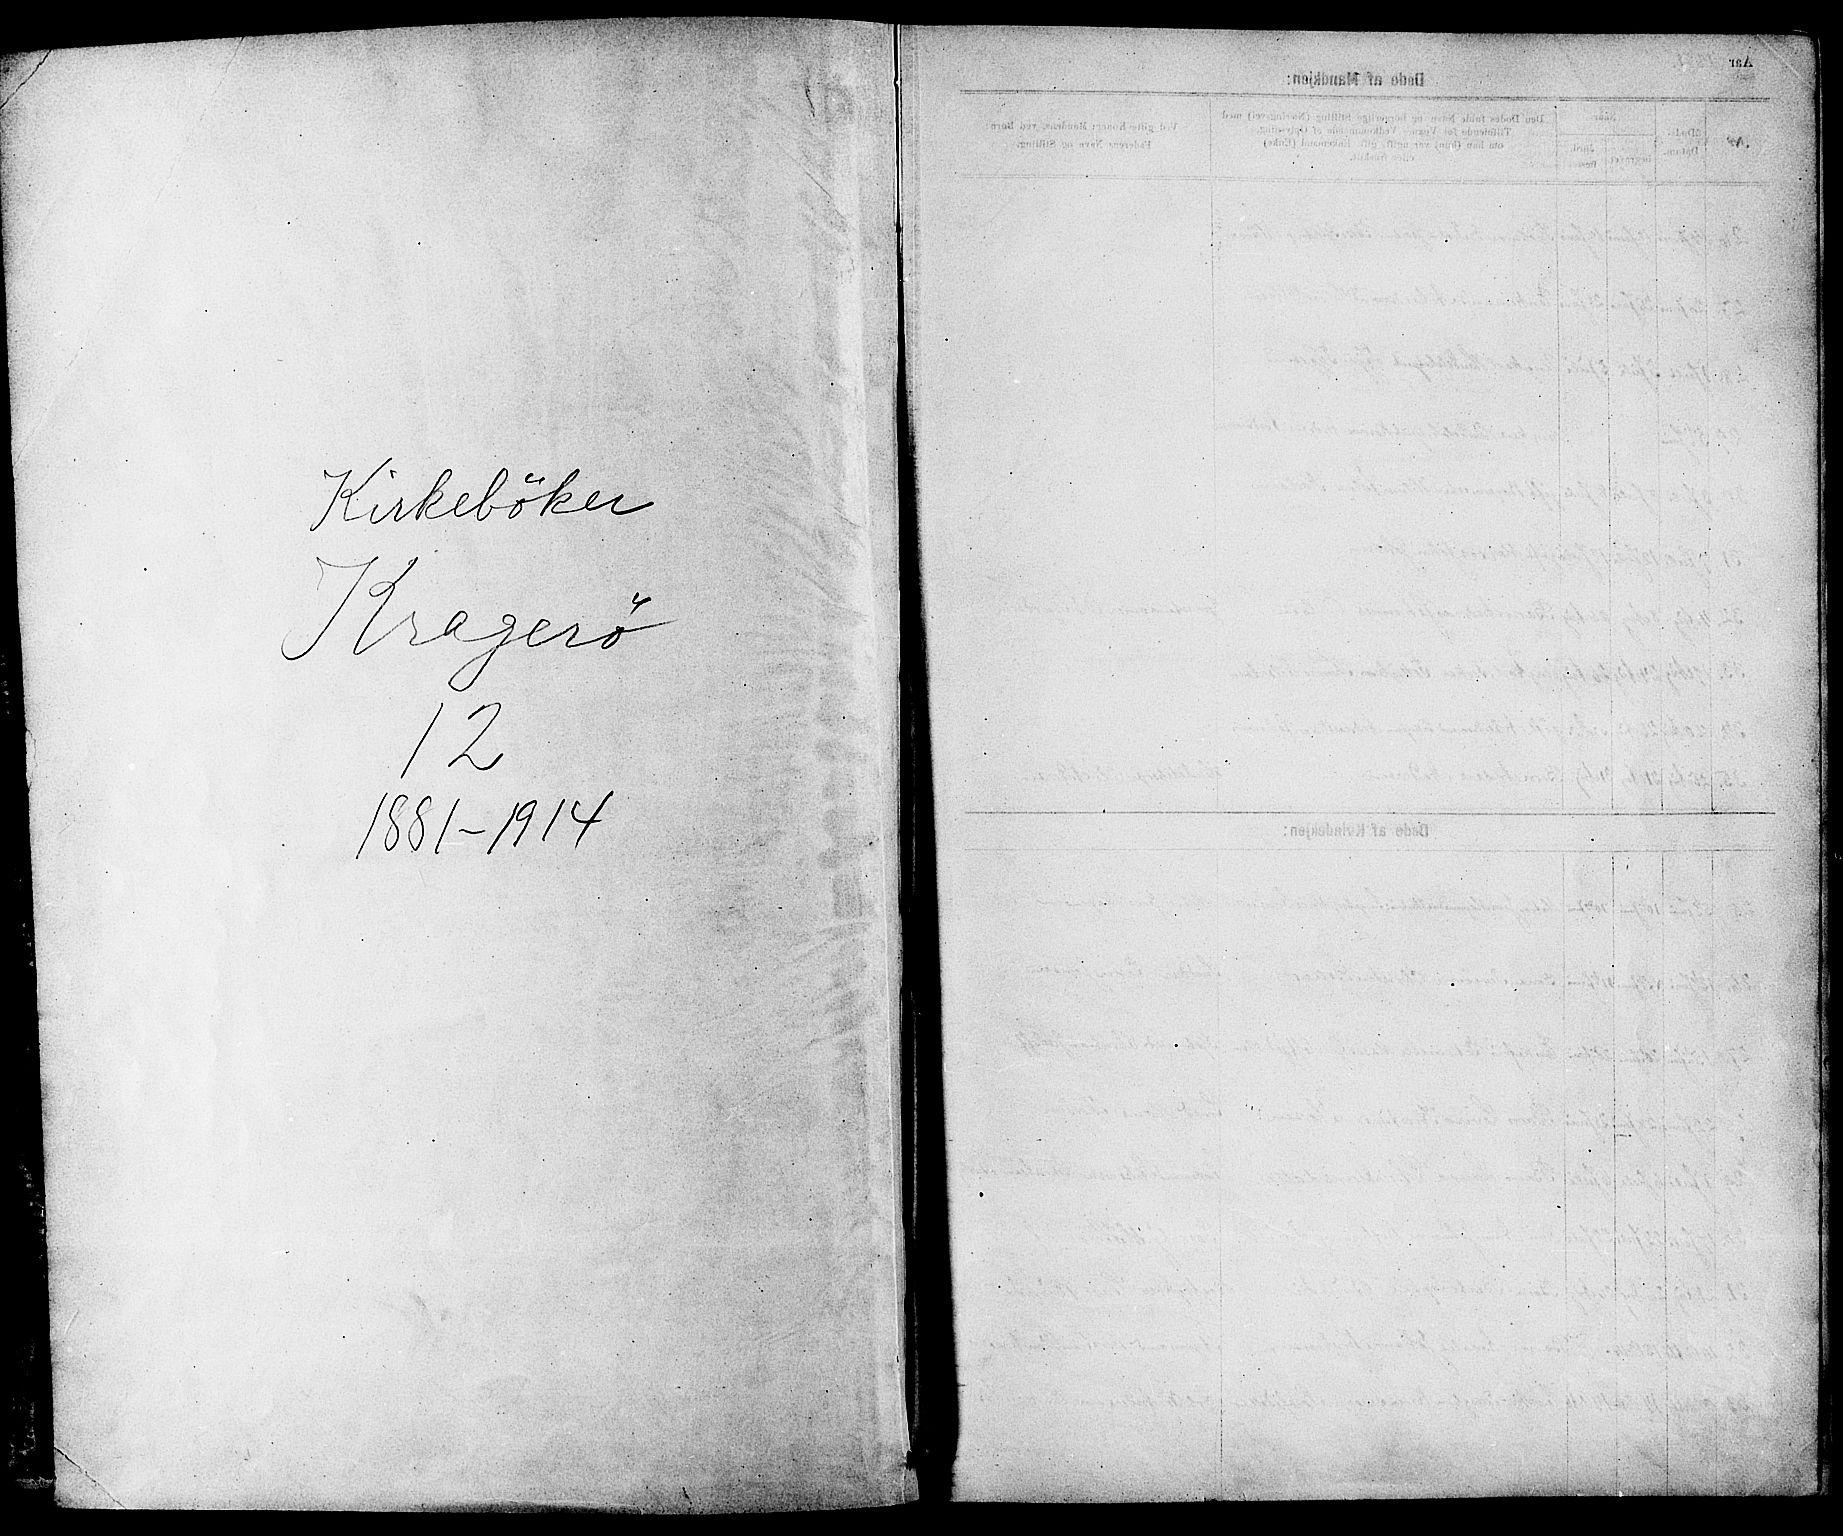 SAKO, Kragerø kirkebøker, G/Ga/L0008: Klokkerbok nr. 8, 1881-1914